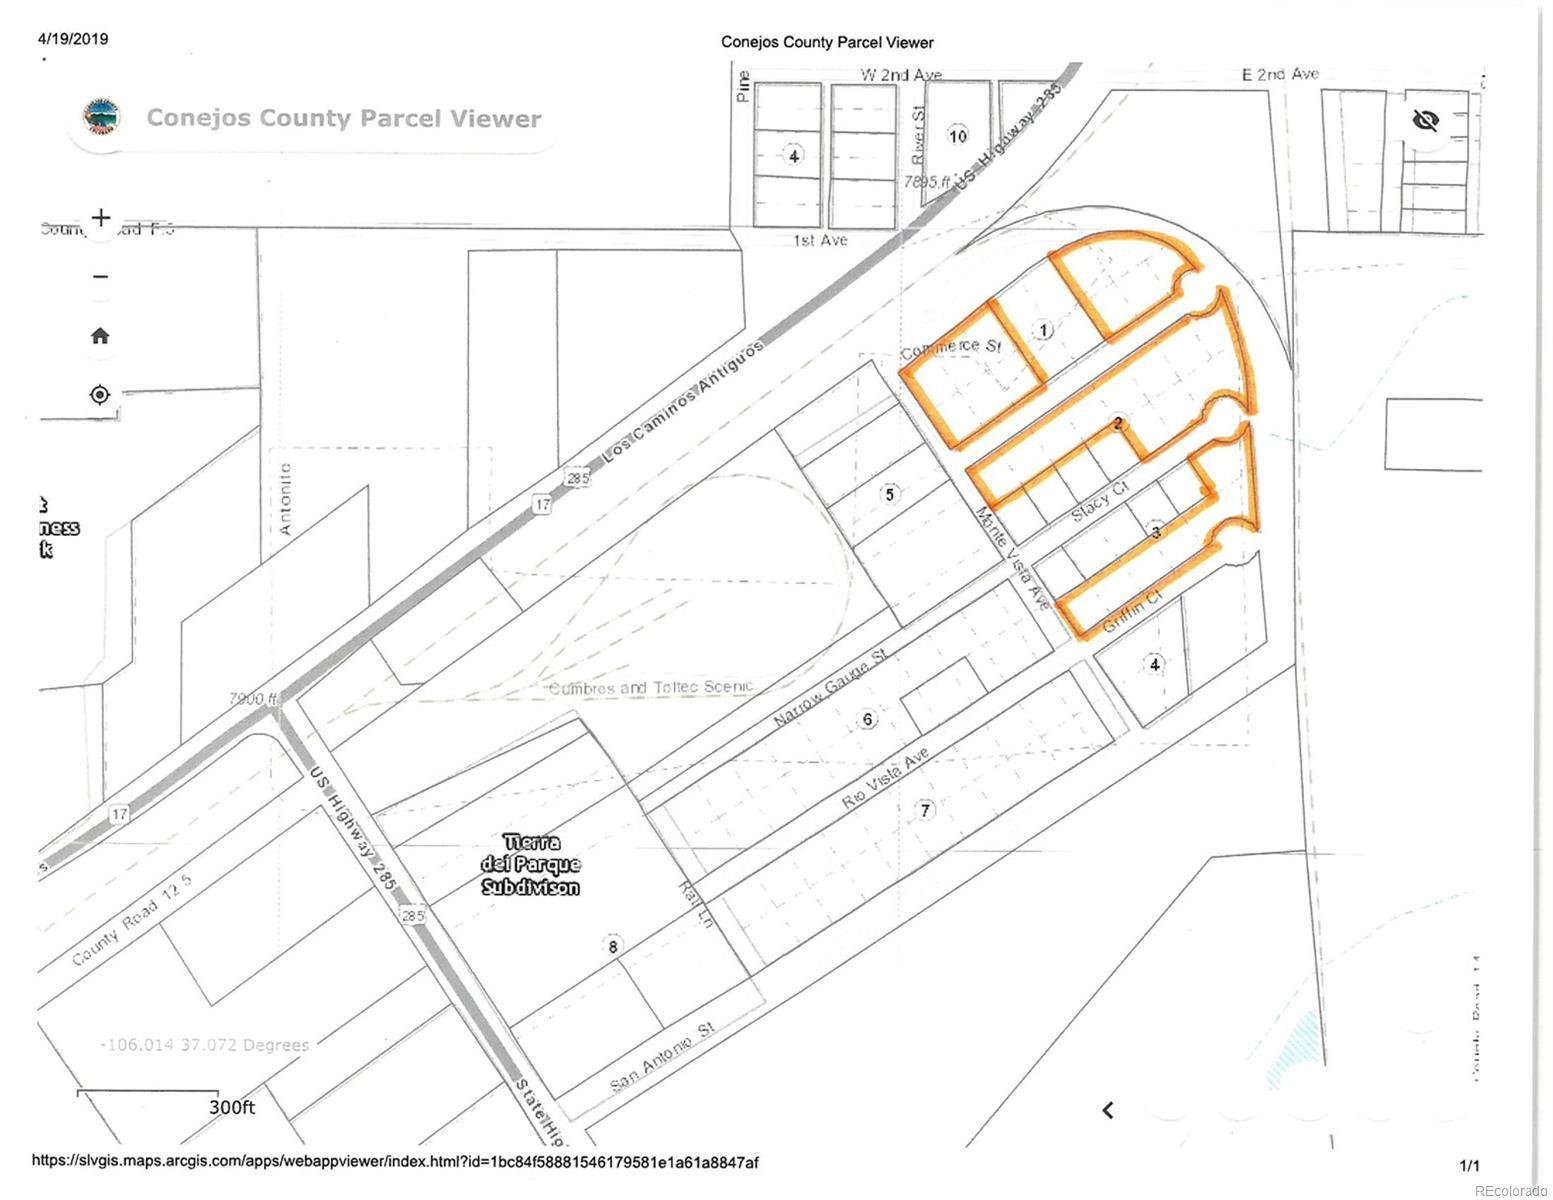 Monte Vista Ave, Antonito, CO 81120 - Antonito, CO real estate listing